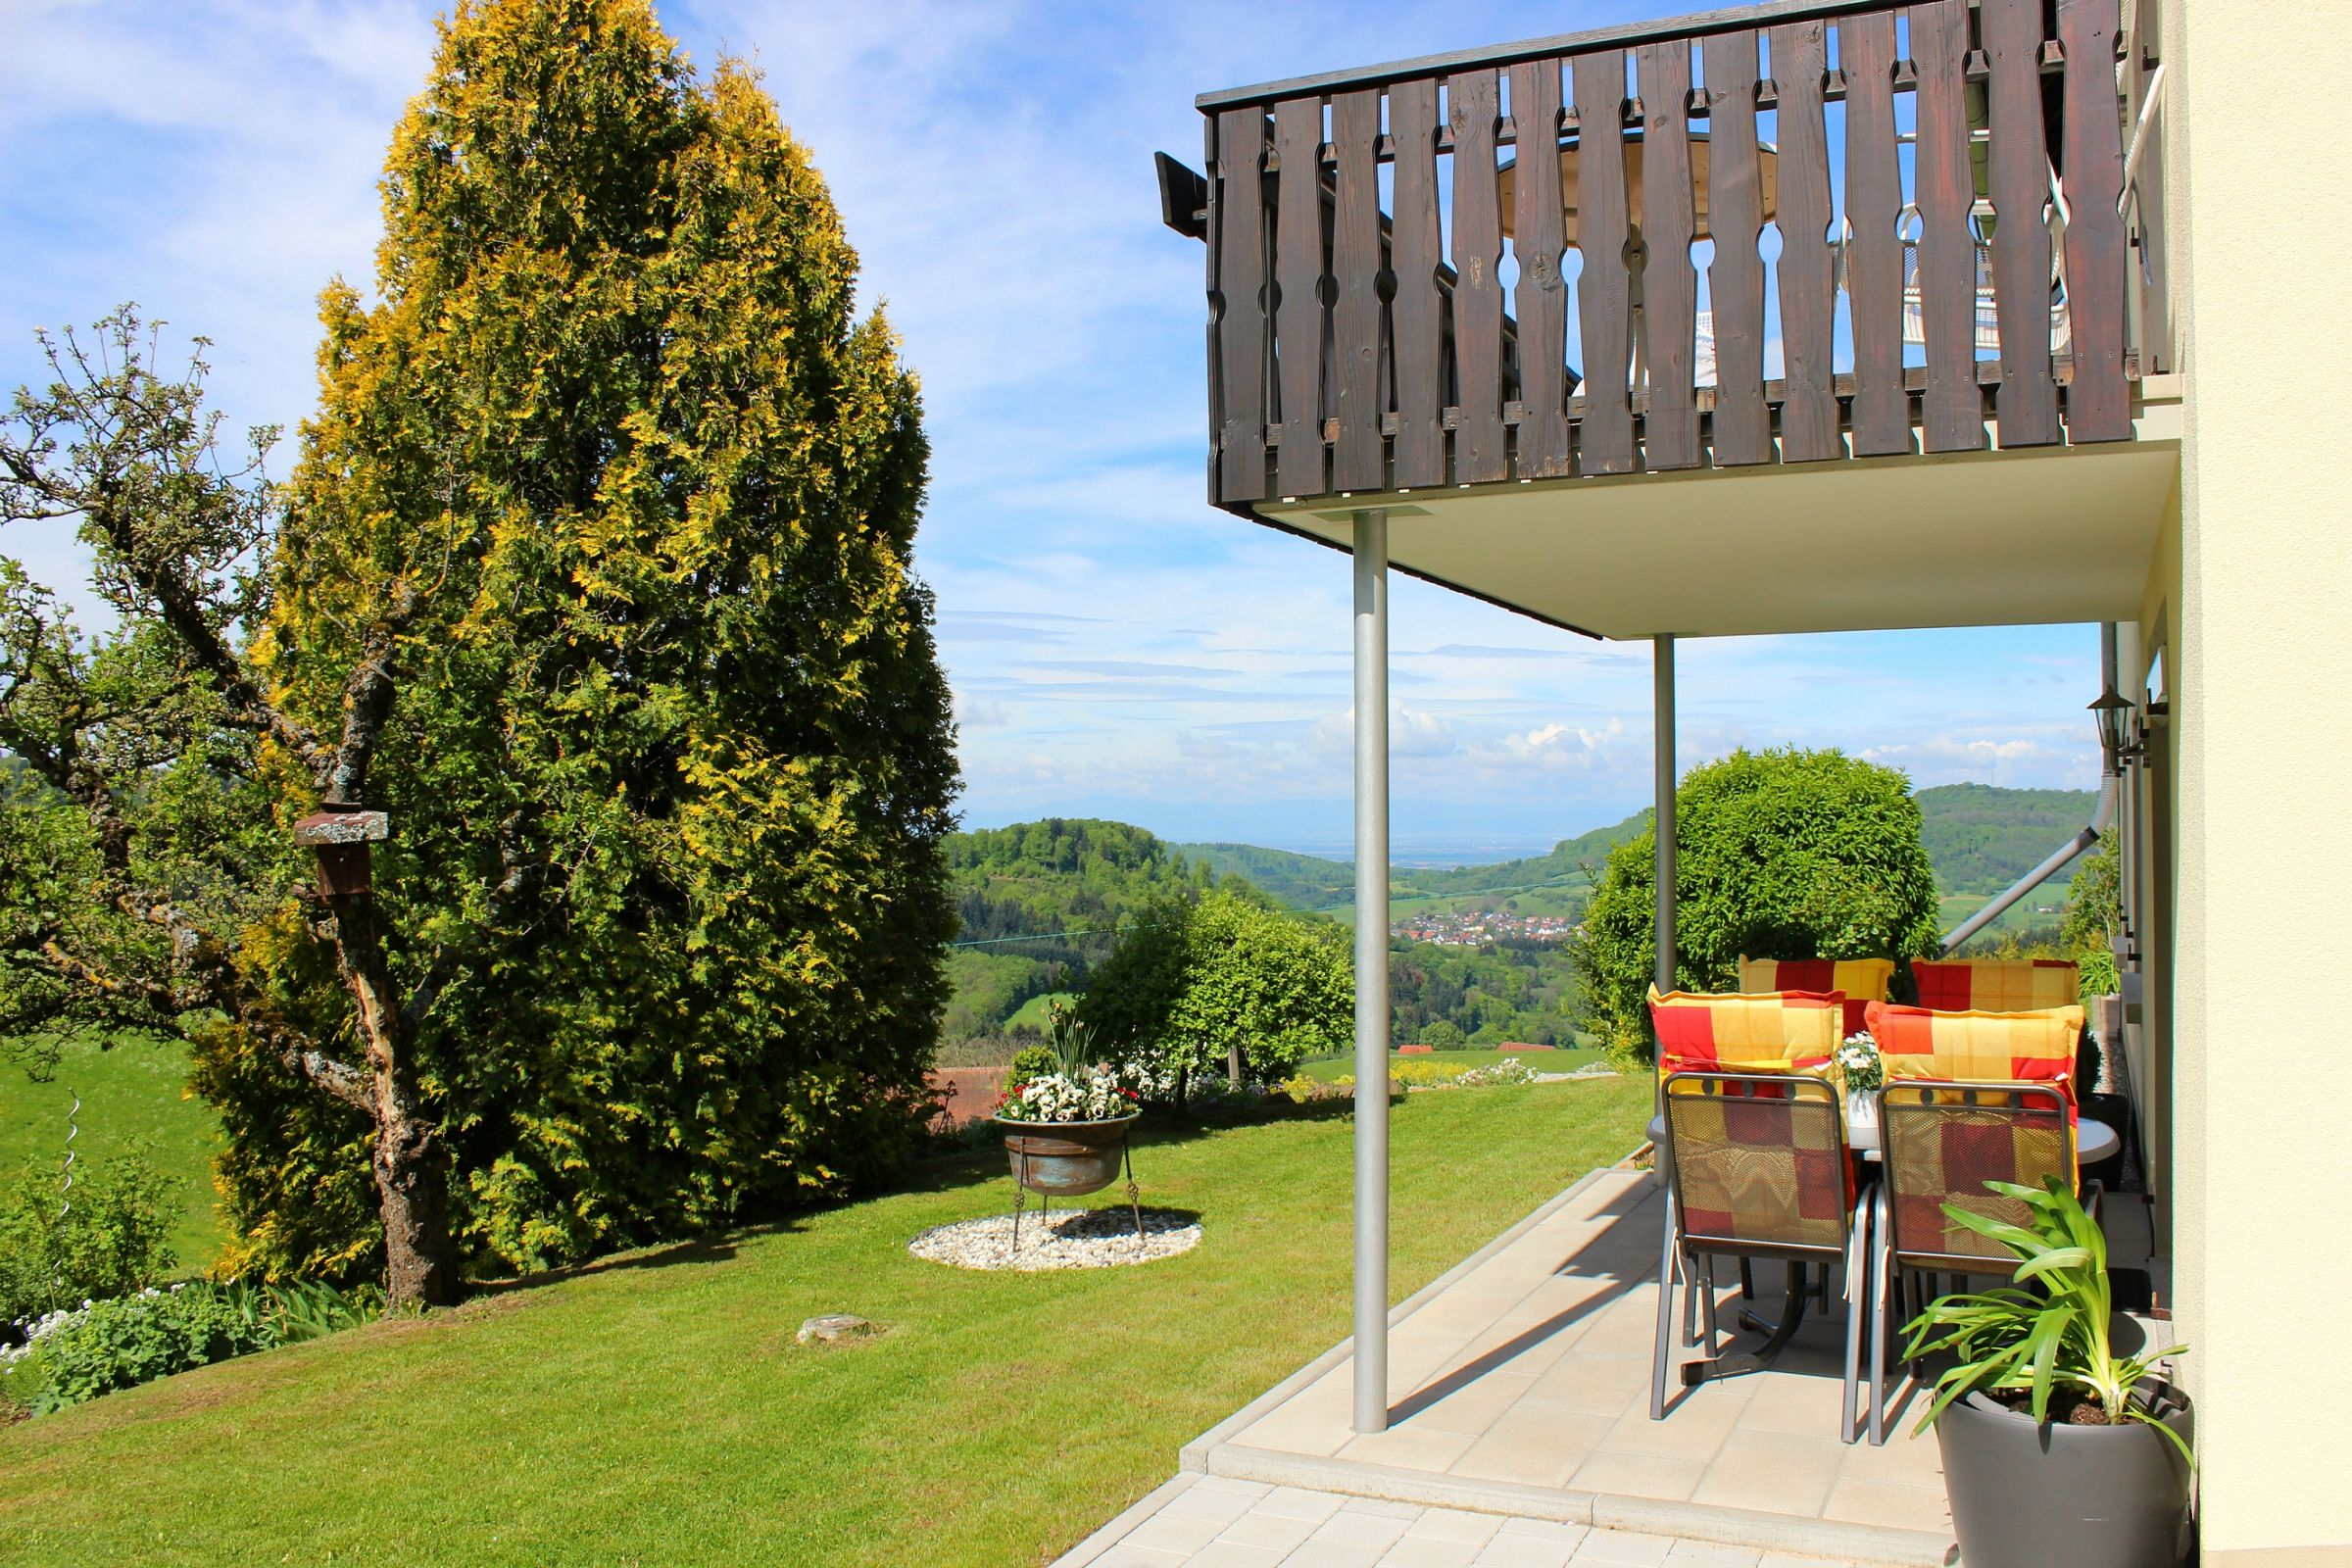 Ferienwohnung Panoramablick, (Horben). Nichtraucher-49qm, 1 Schlafraum, 1 Wohn-/Schlafraum, max. 3 Perso (2717405), Horben, Schwarzwald, Baden-Württemberg, Deutschland, Bild 2